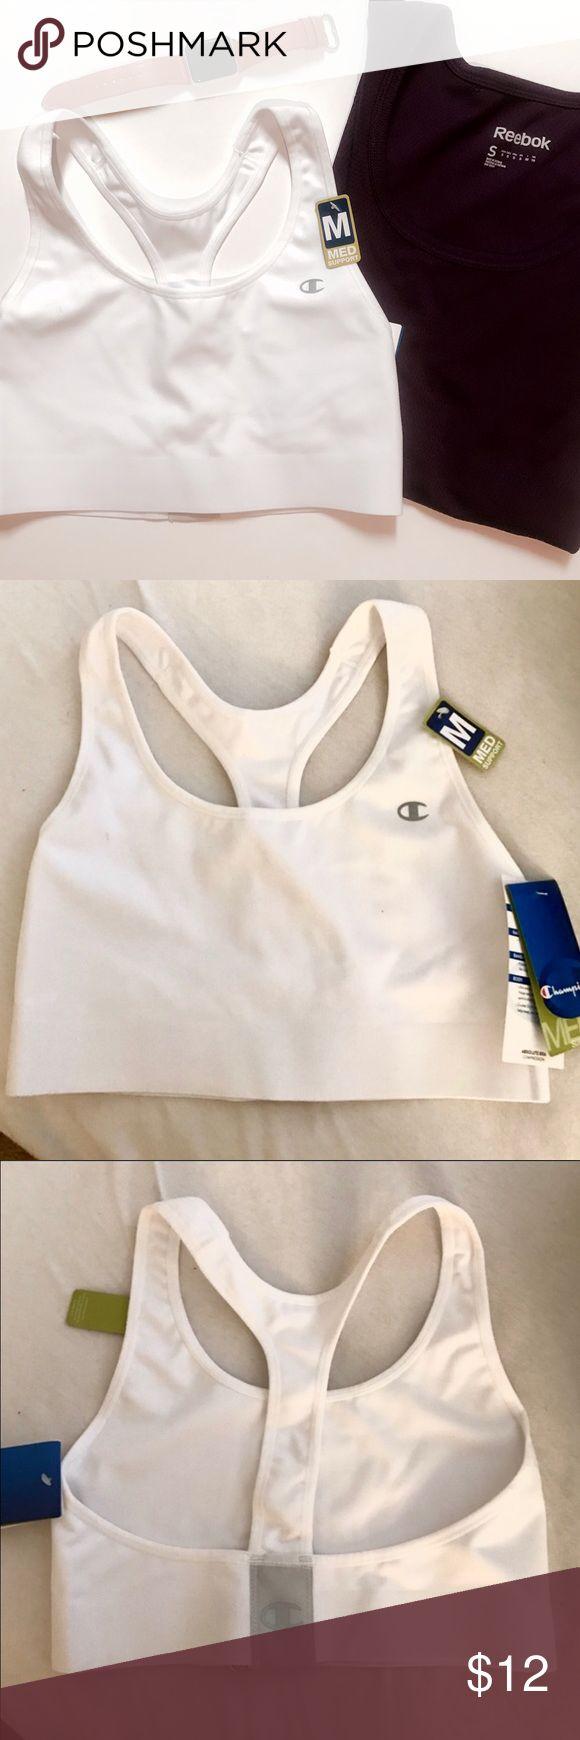 NWT White Champion Sports Bra New with tags. Size Medium. White Champion Sports Bra! Champion Intimates & Sleepwear Bras